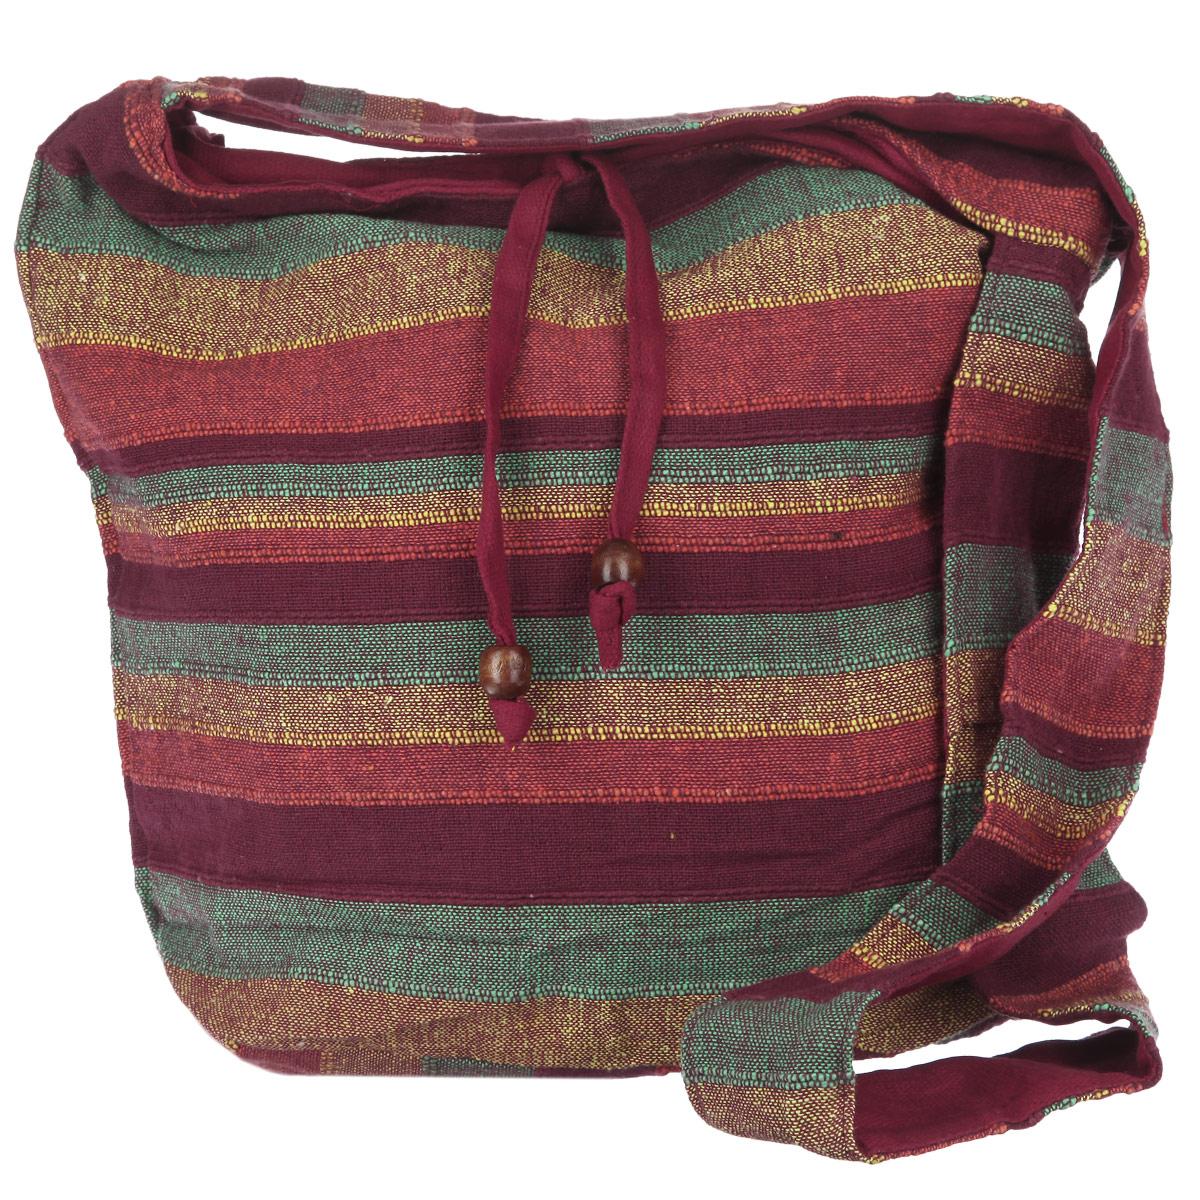 Сумка женская Ethnica, цвет: бордовый, оранжевый, зеленый. 188190188190_бордовая,зеленаяОригинальная женская сумка Ethnica выполнена из хлопка, и оформлена стильными широкими полосками. Сумка состоит из одного основного отделения, закрывающегося на застежку-молнию, и дополнительно фиксирующегося завязками с крупными деревянными бусинами. Внутри расположен открытый кармашек для мелочей. С задней стороны сумки - дополнительный прорезной карман на молнии. Для удобной переноски на плече предусмотрен широкий плечевой ремень. На ремне имеется потайной кармашек на липучке. Такая сумка идеально дополнит и подчеркнет ваш неповторимый образ.